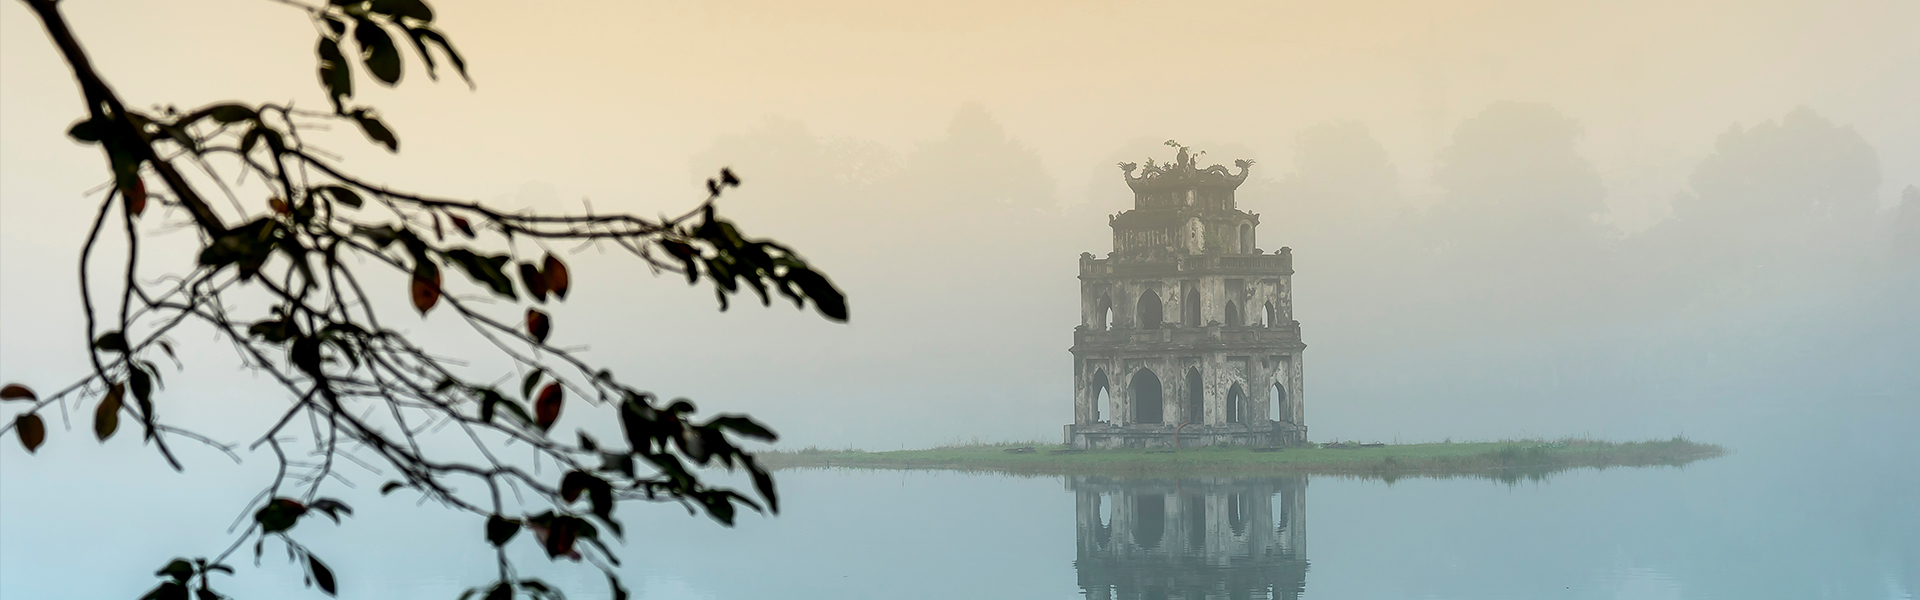 Hanoi Midnight 2020